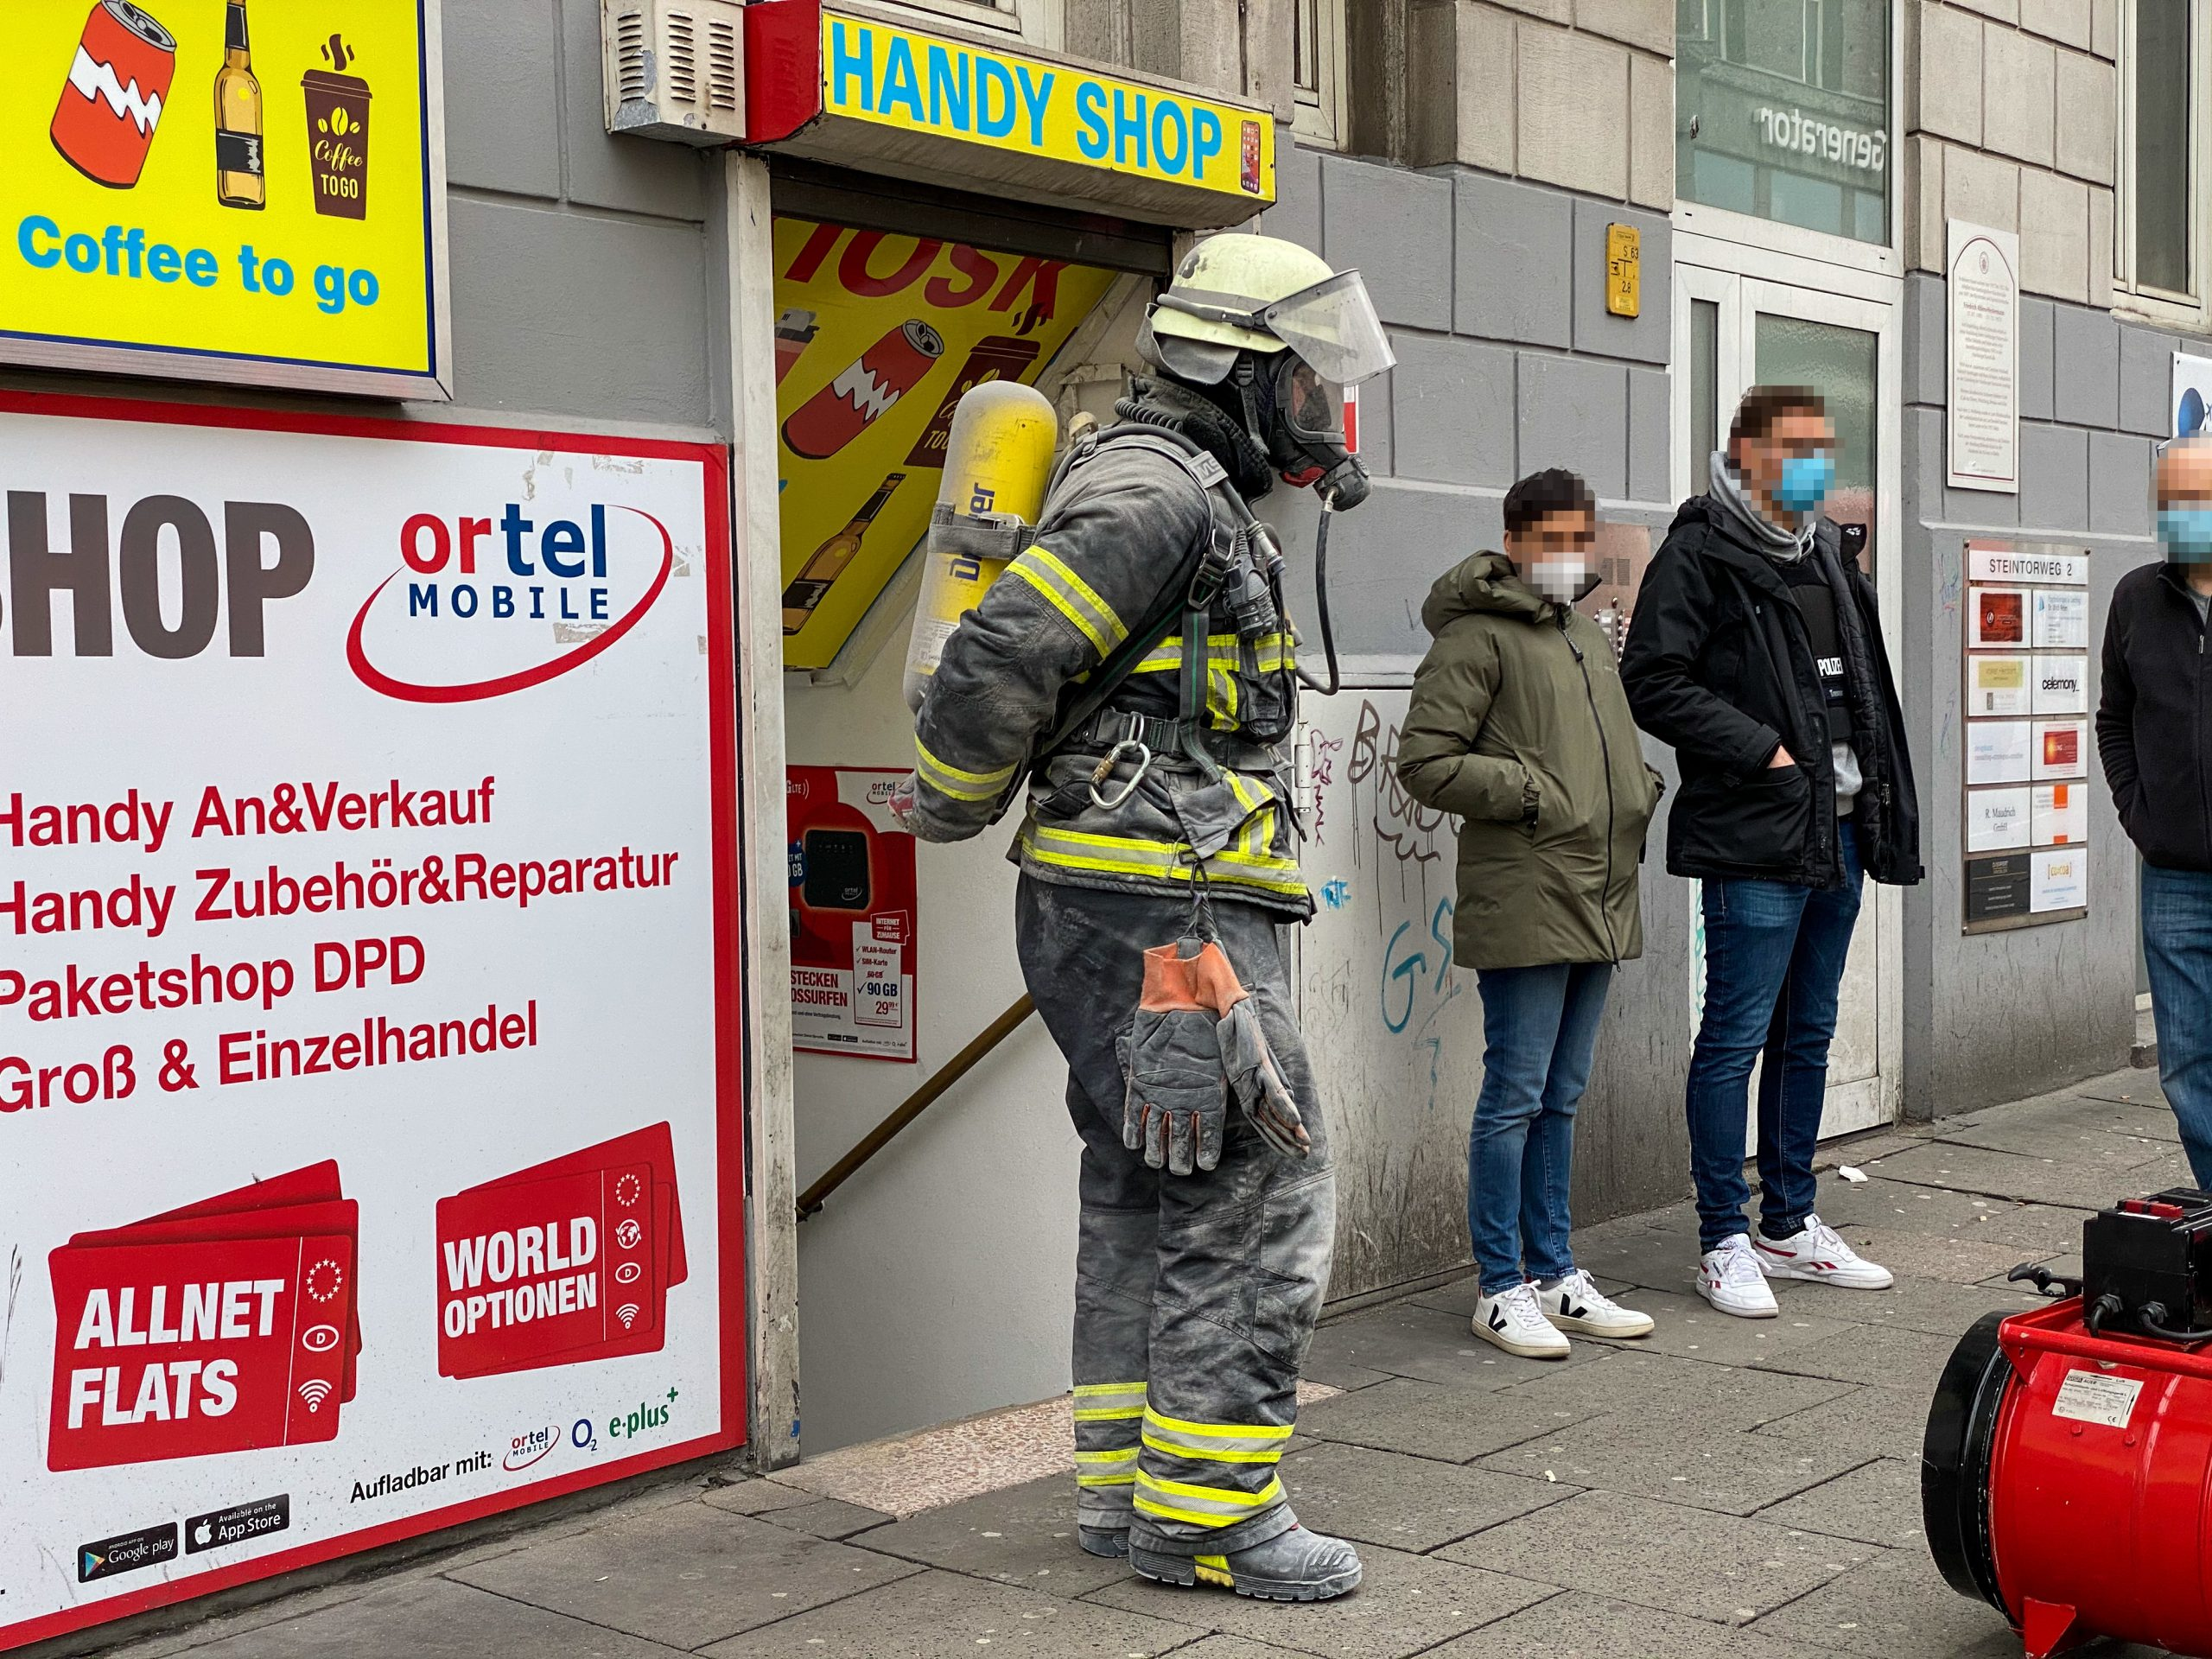 Amtshilfe-f-r-die-Polizei-Feuerwehr-knackt-Safe